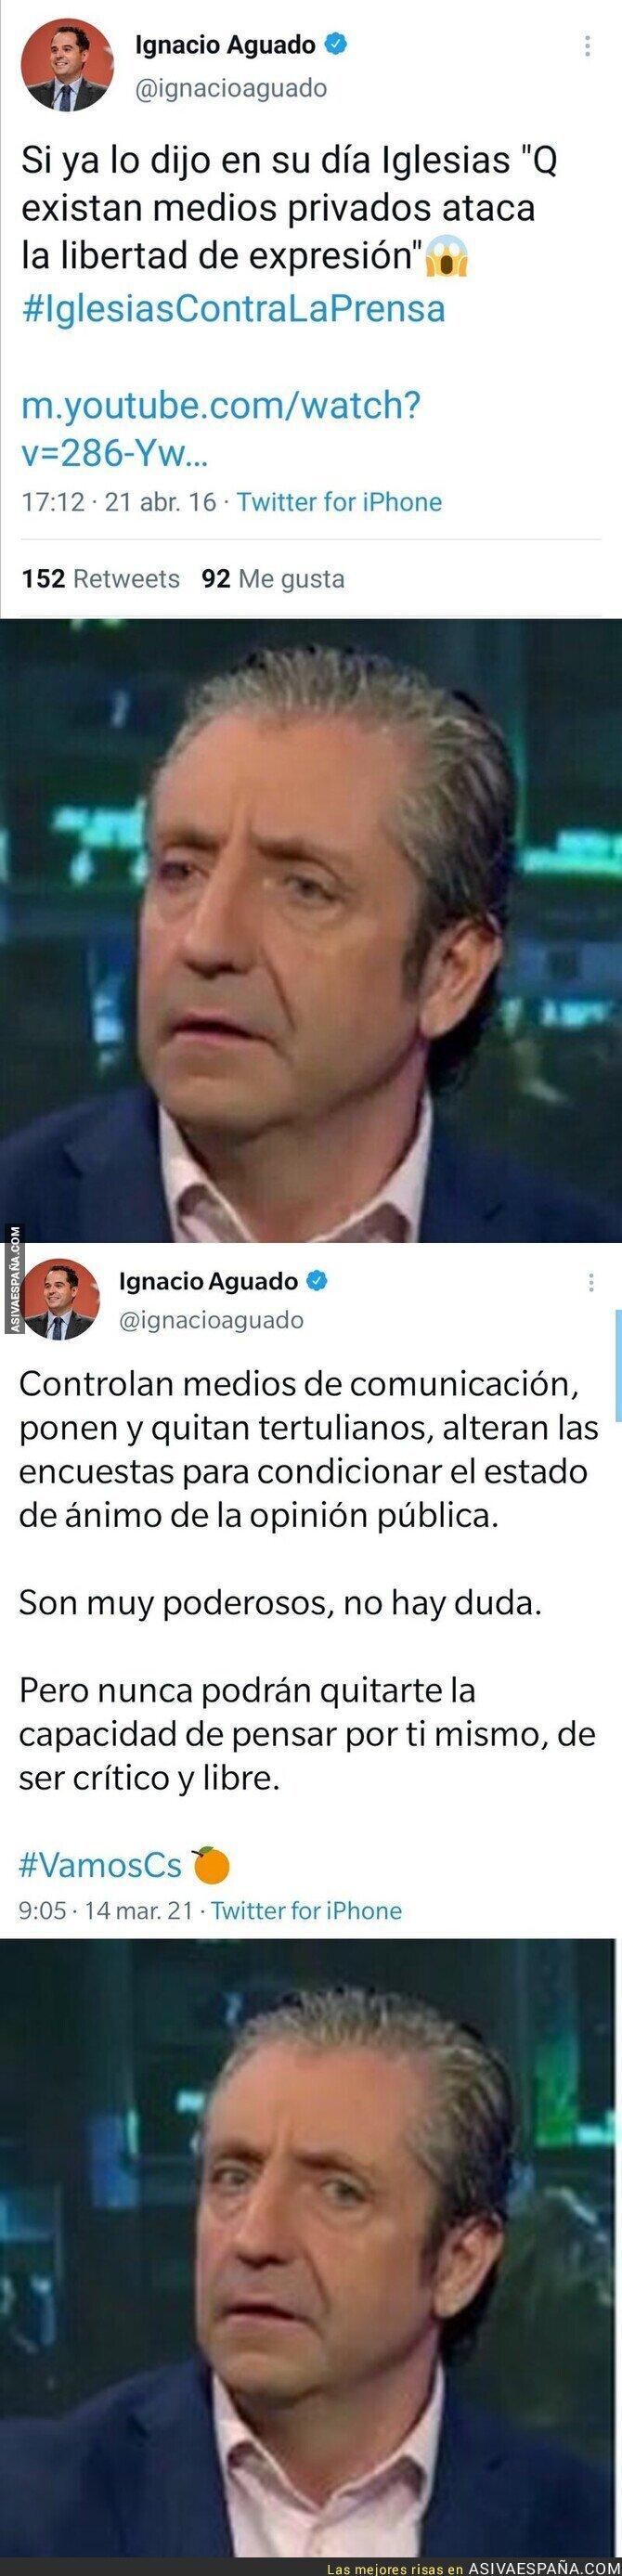 647278 - El cambio de discurso de Ignacio Aguado